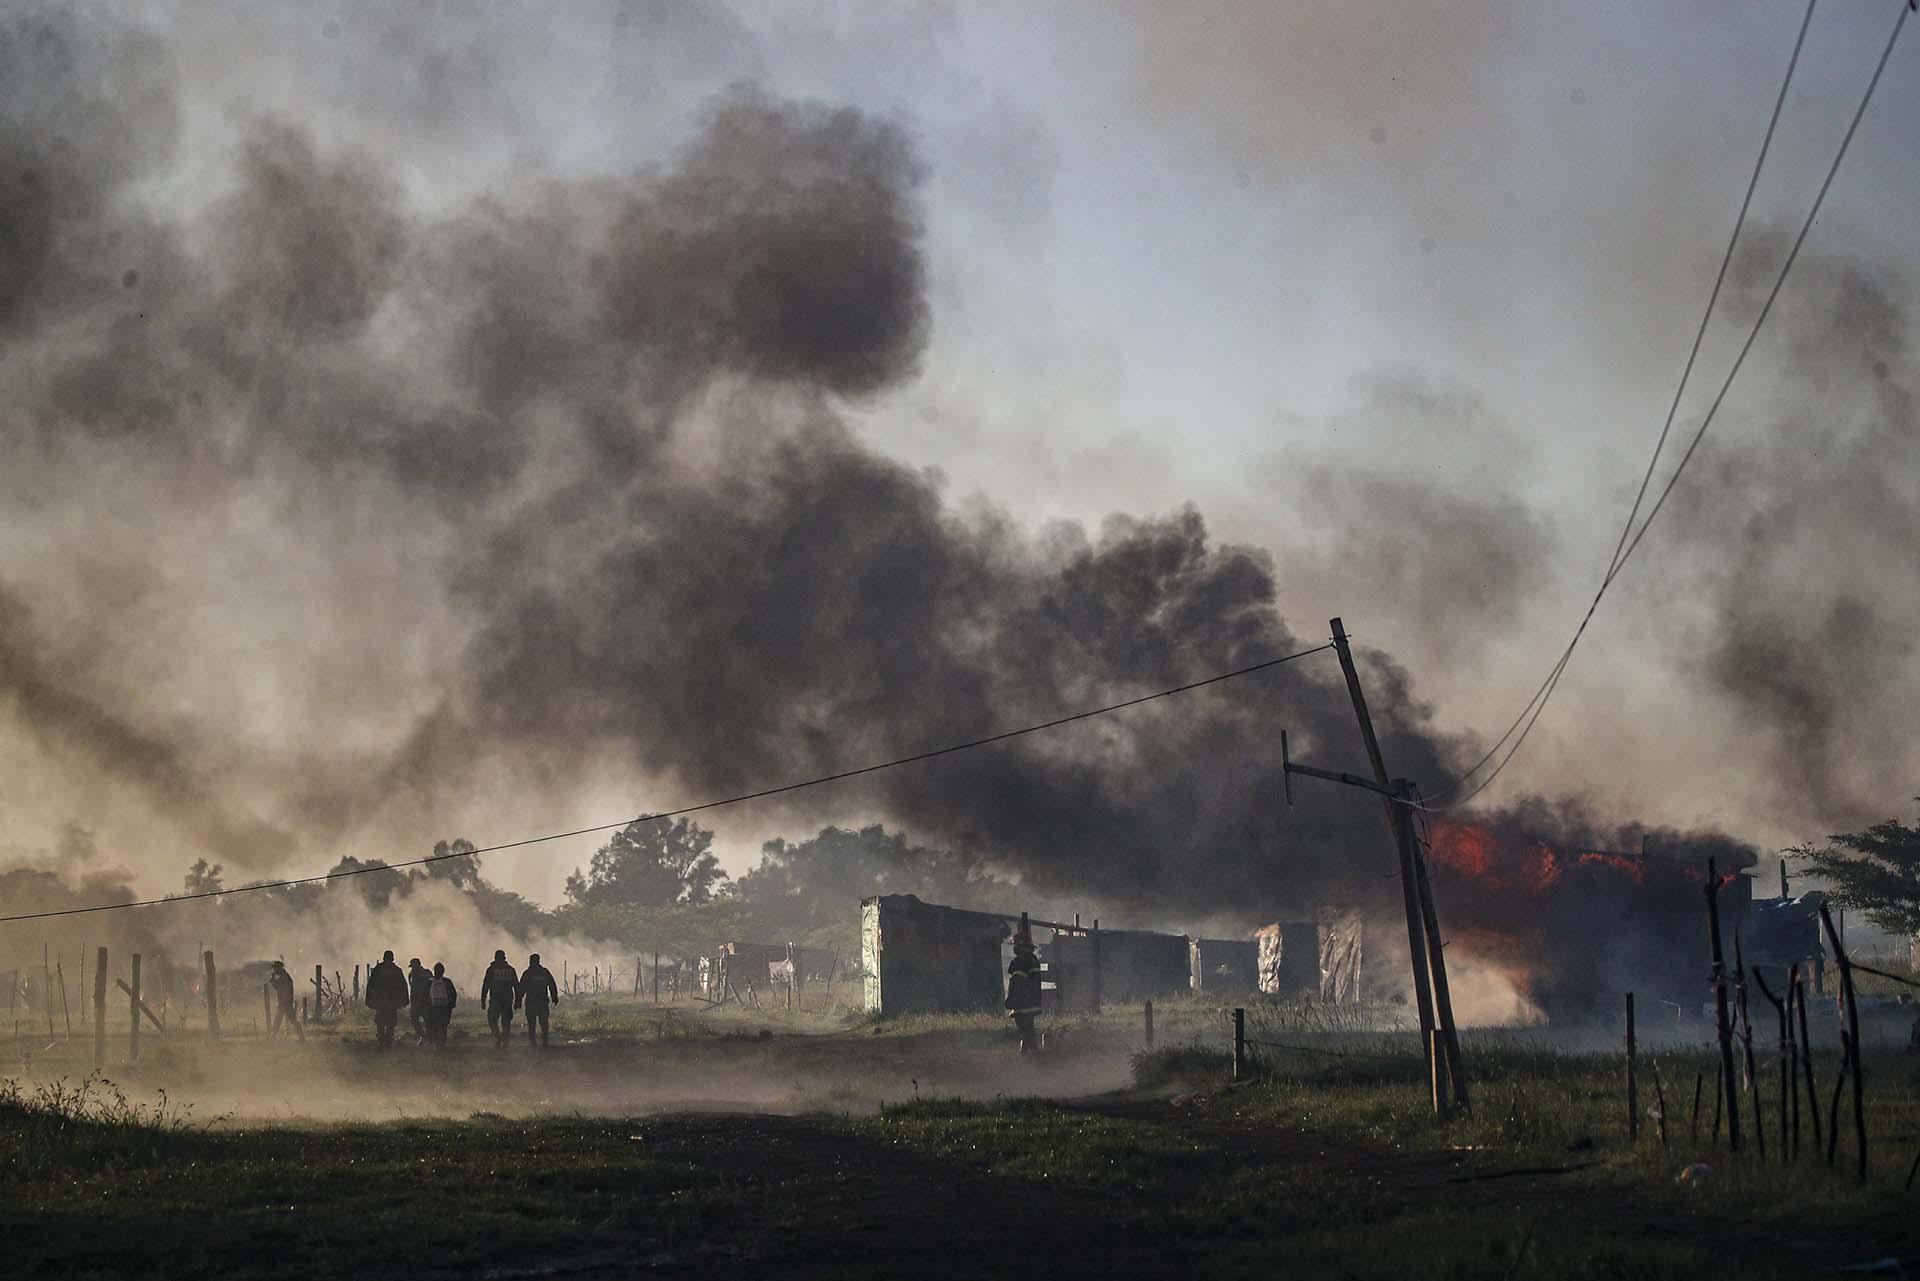 Luego de dos horas de operativo, el predio fue liberado por completo. Los bomberos controlaron los incendios que provocaron los mismos manifestantes que fueron desalojados del predio de 100 hectáreas. Mientras las familias lloraban y intentaban resistir el desalojo